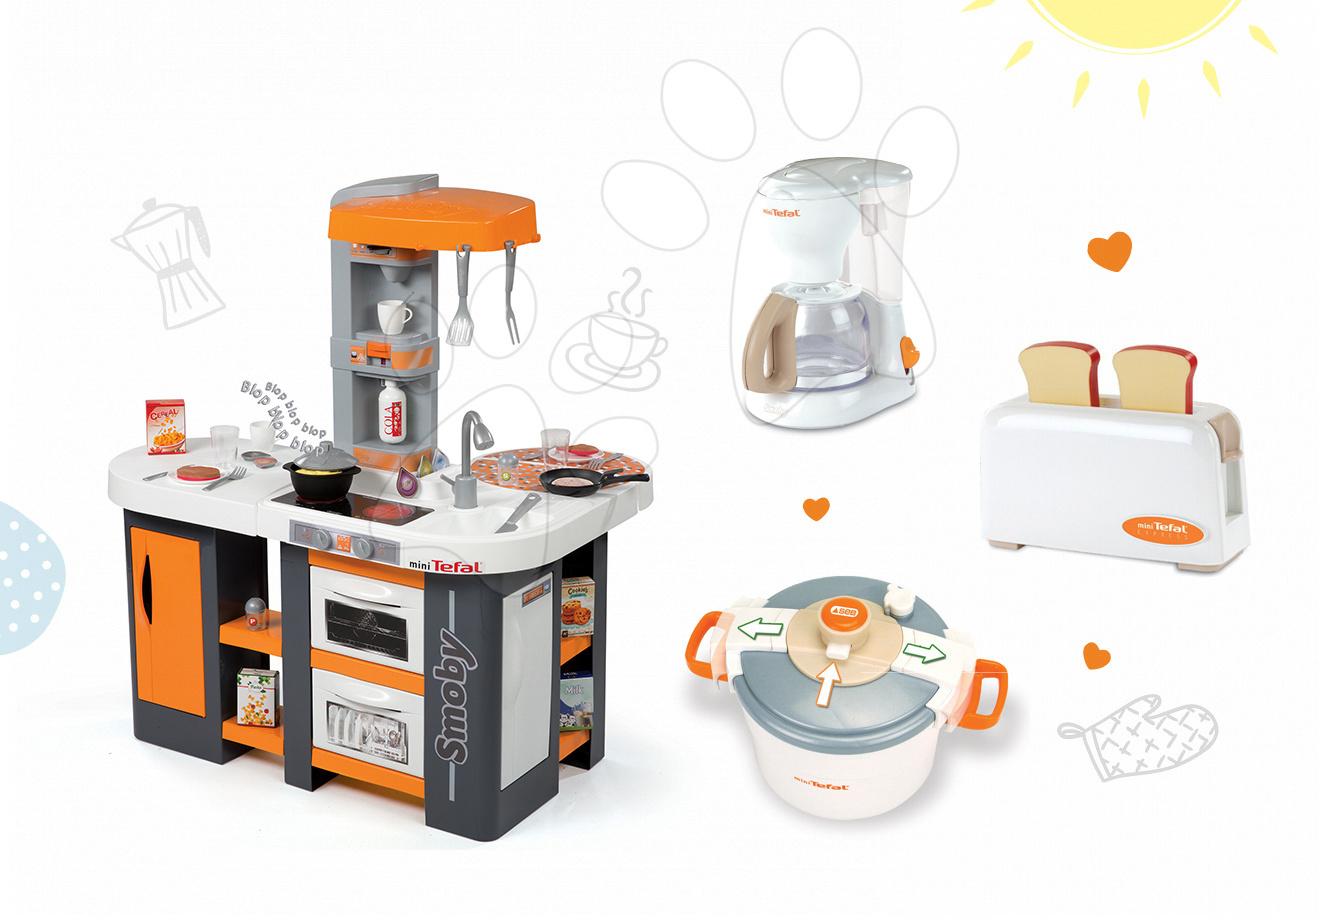 Set dětská kuchyňka Tefal Studio XL Smoby se zvuky a ledničkou a 3 kuchyňské spotřebiče Tefal